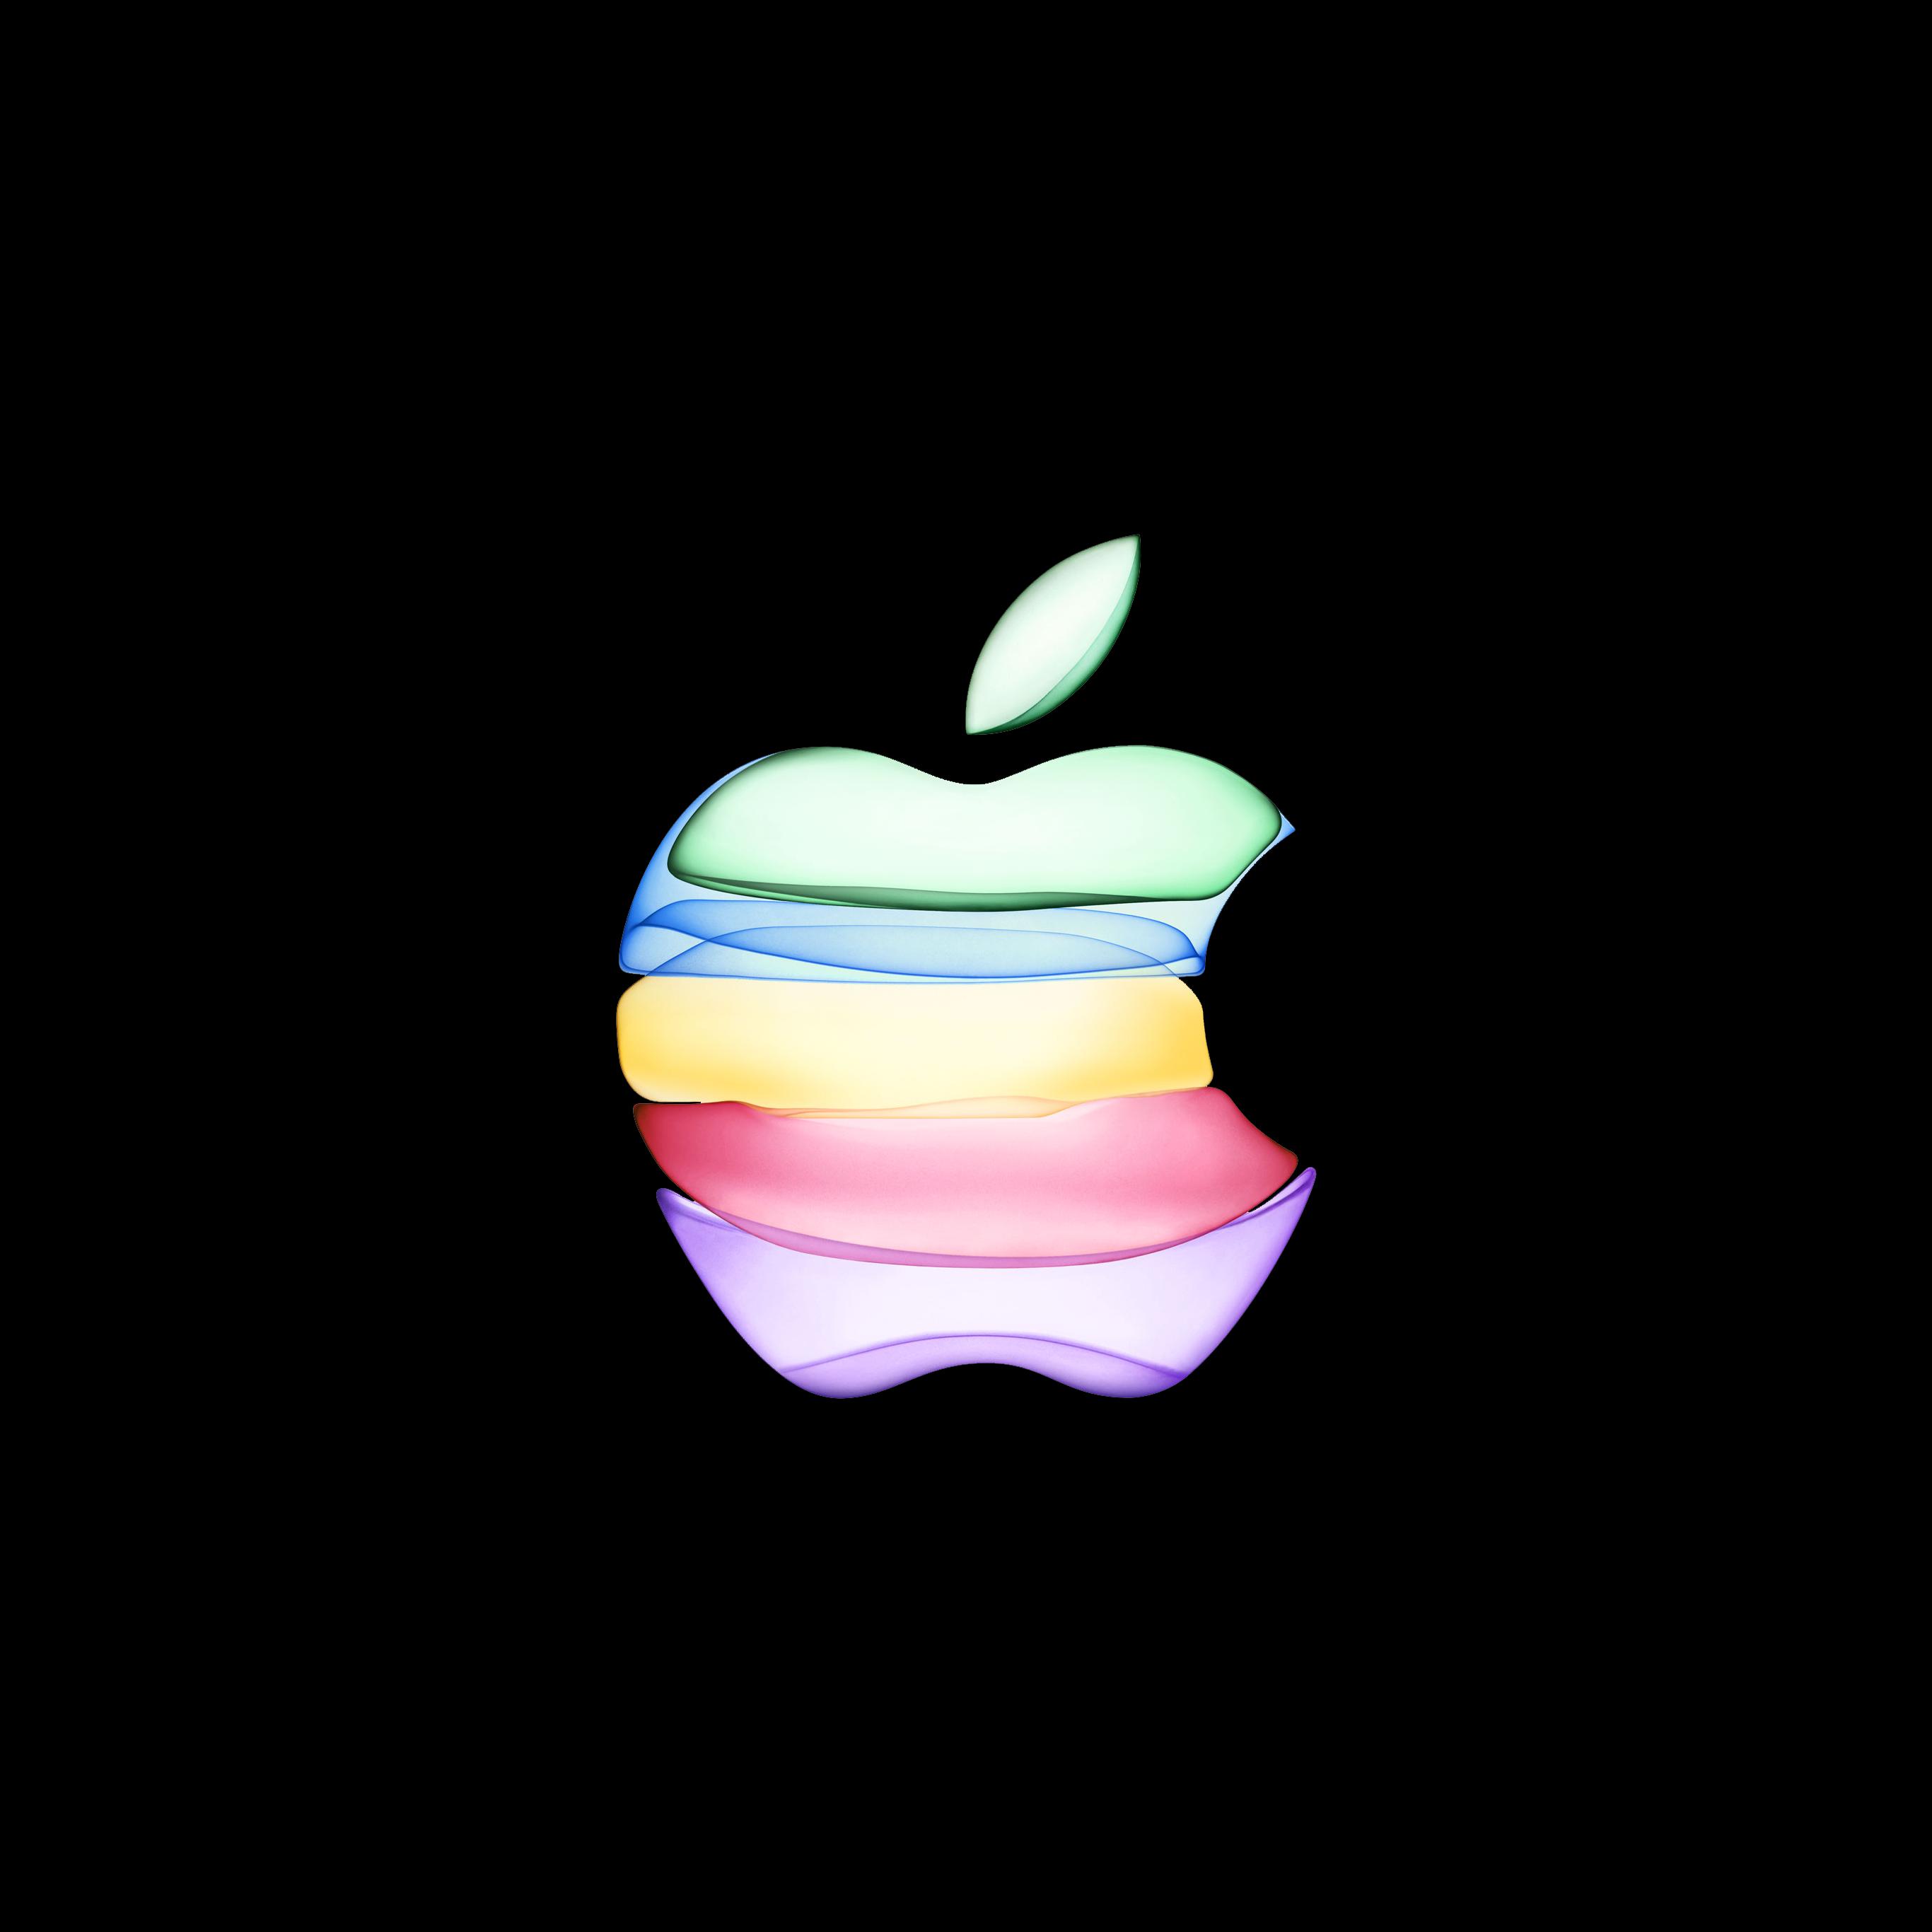 Apple 新イベント対応壁紙が公開されていたのでダークモードにしてみた